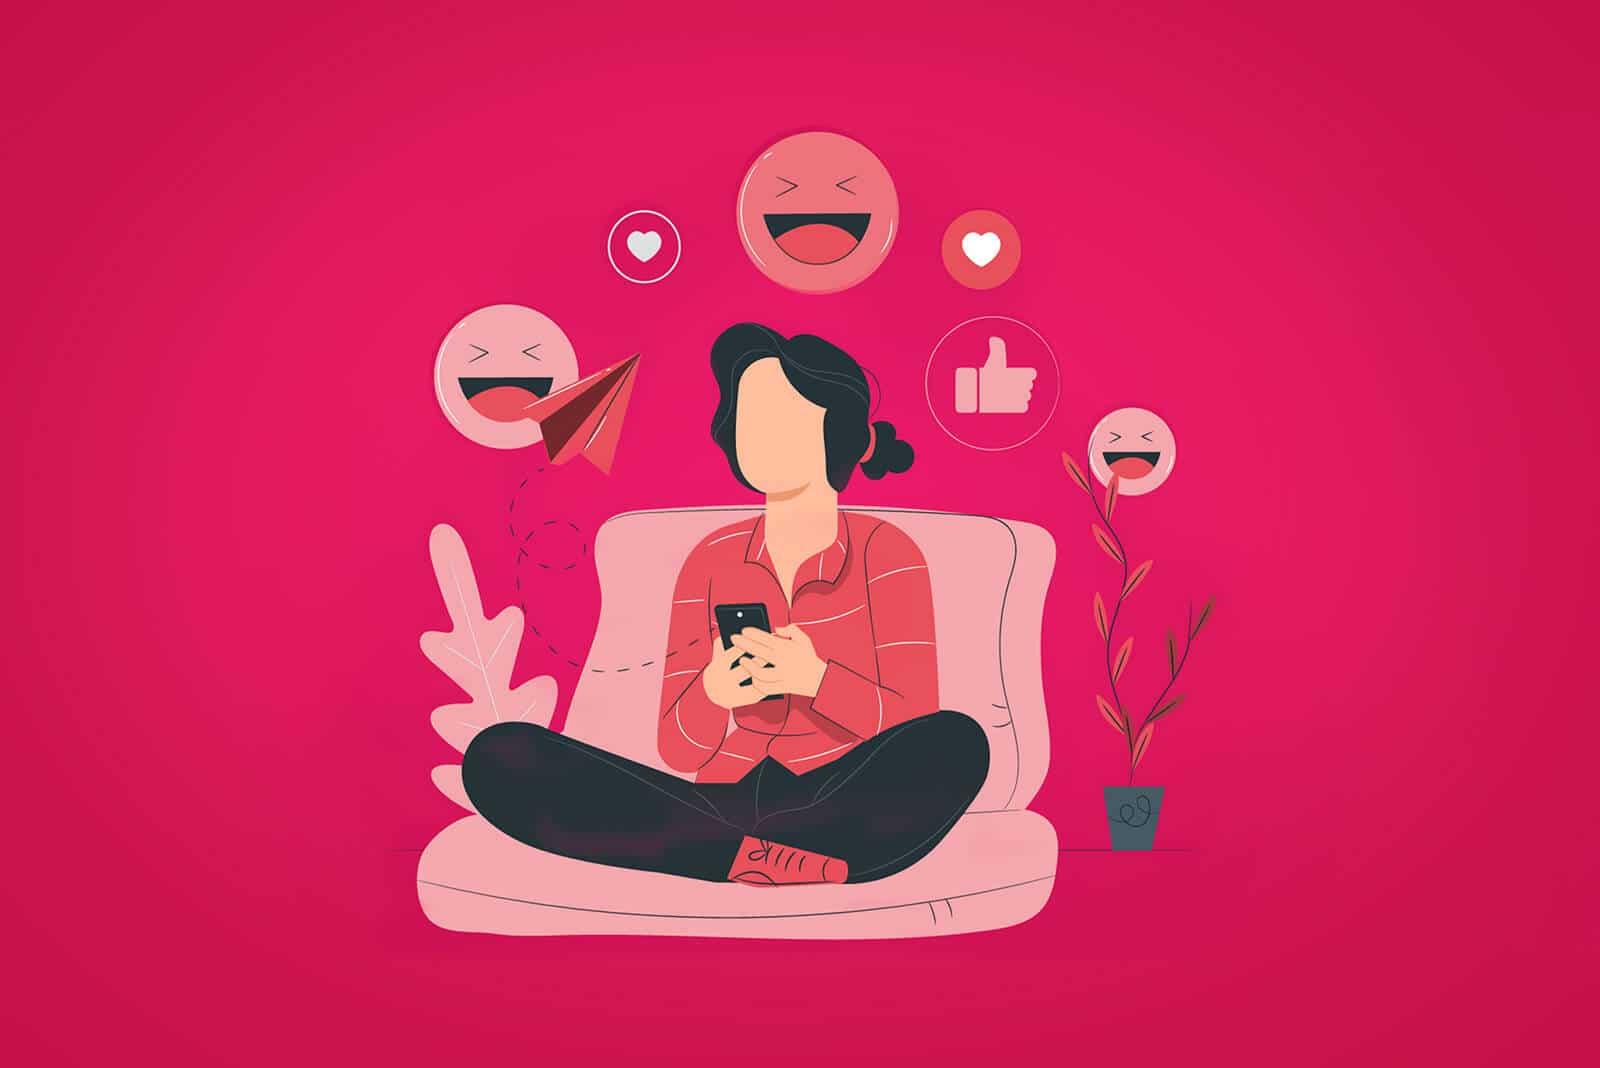 imagem-representando-marketing-humanizado